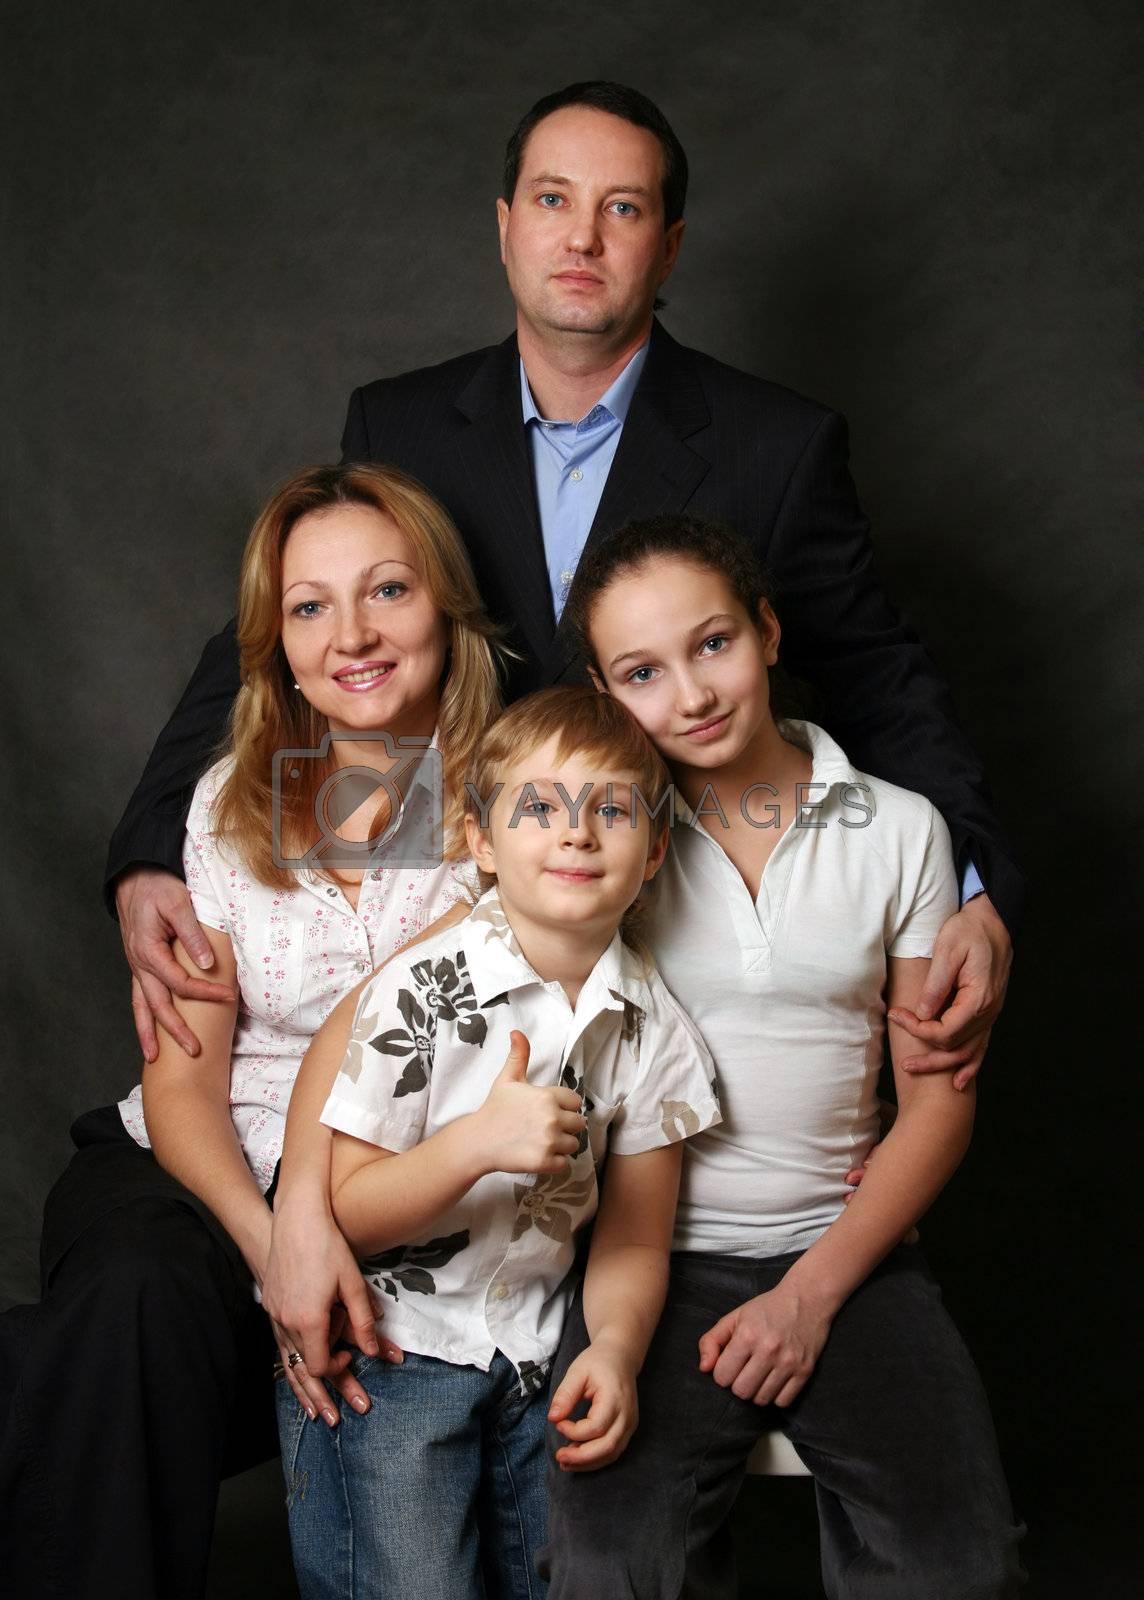 Portrait of parents and children in studio